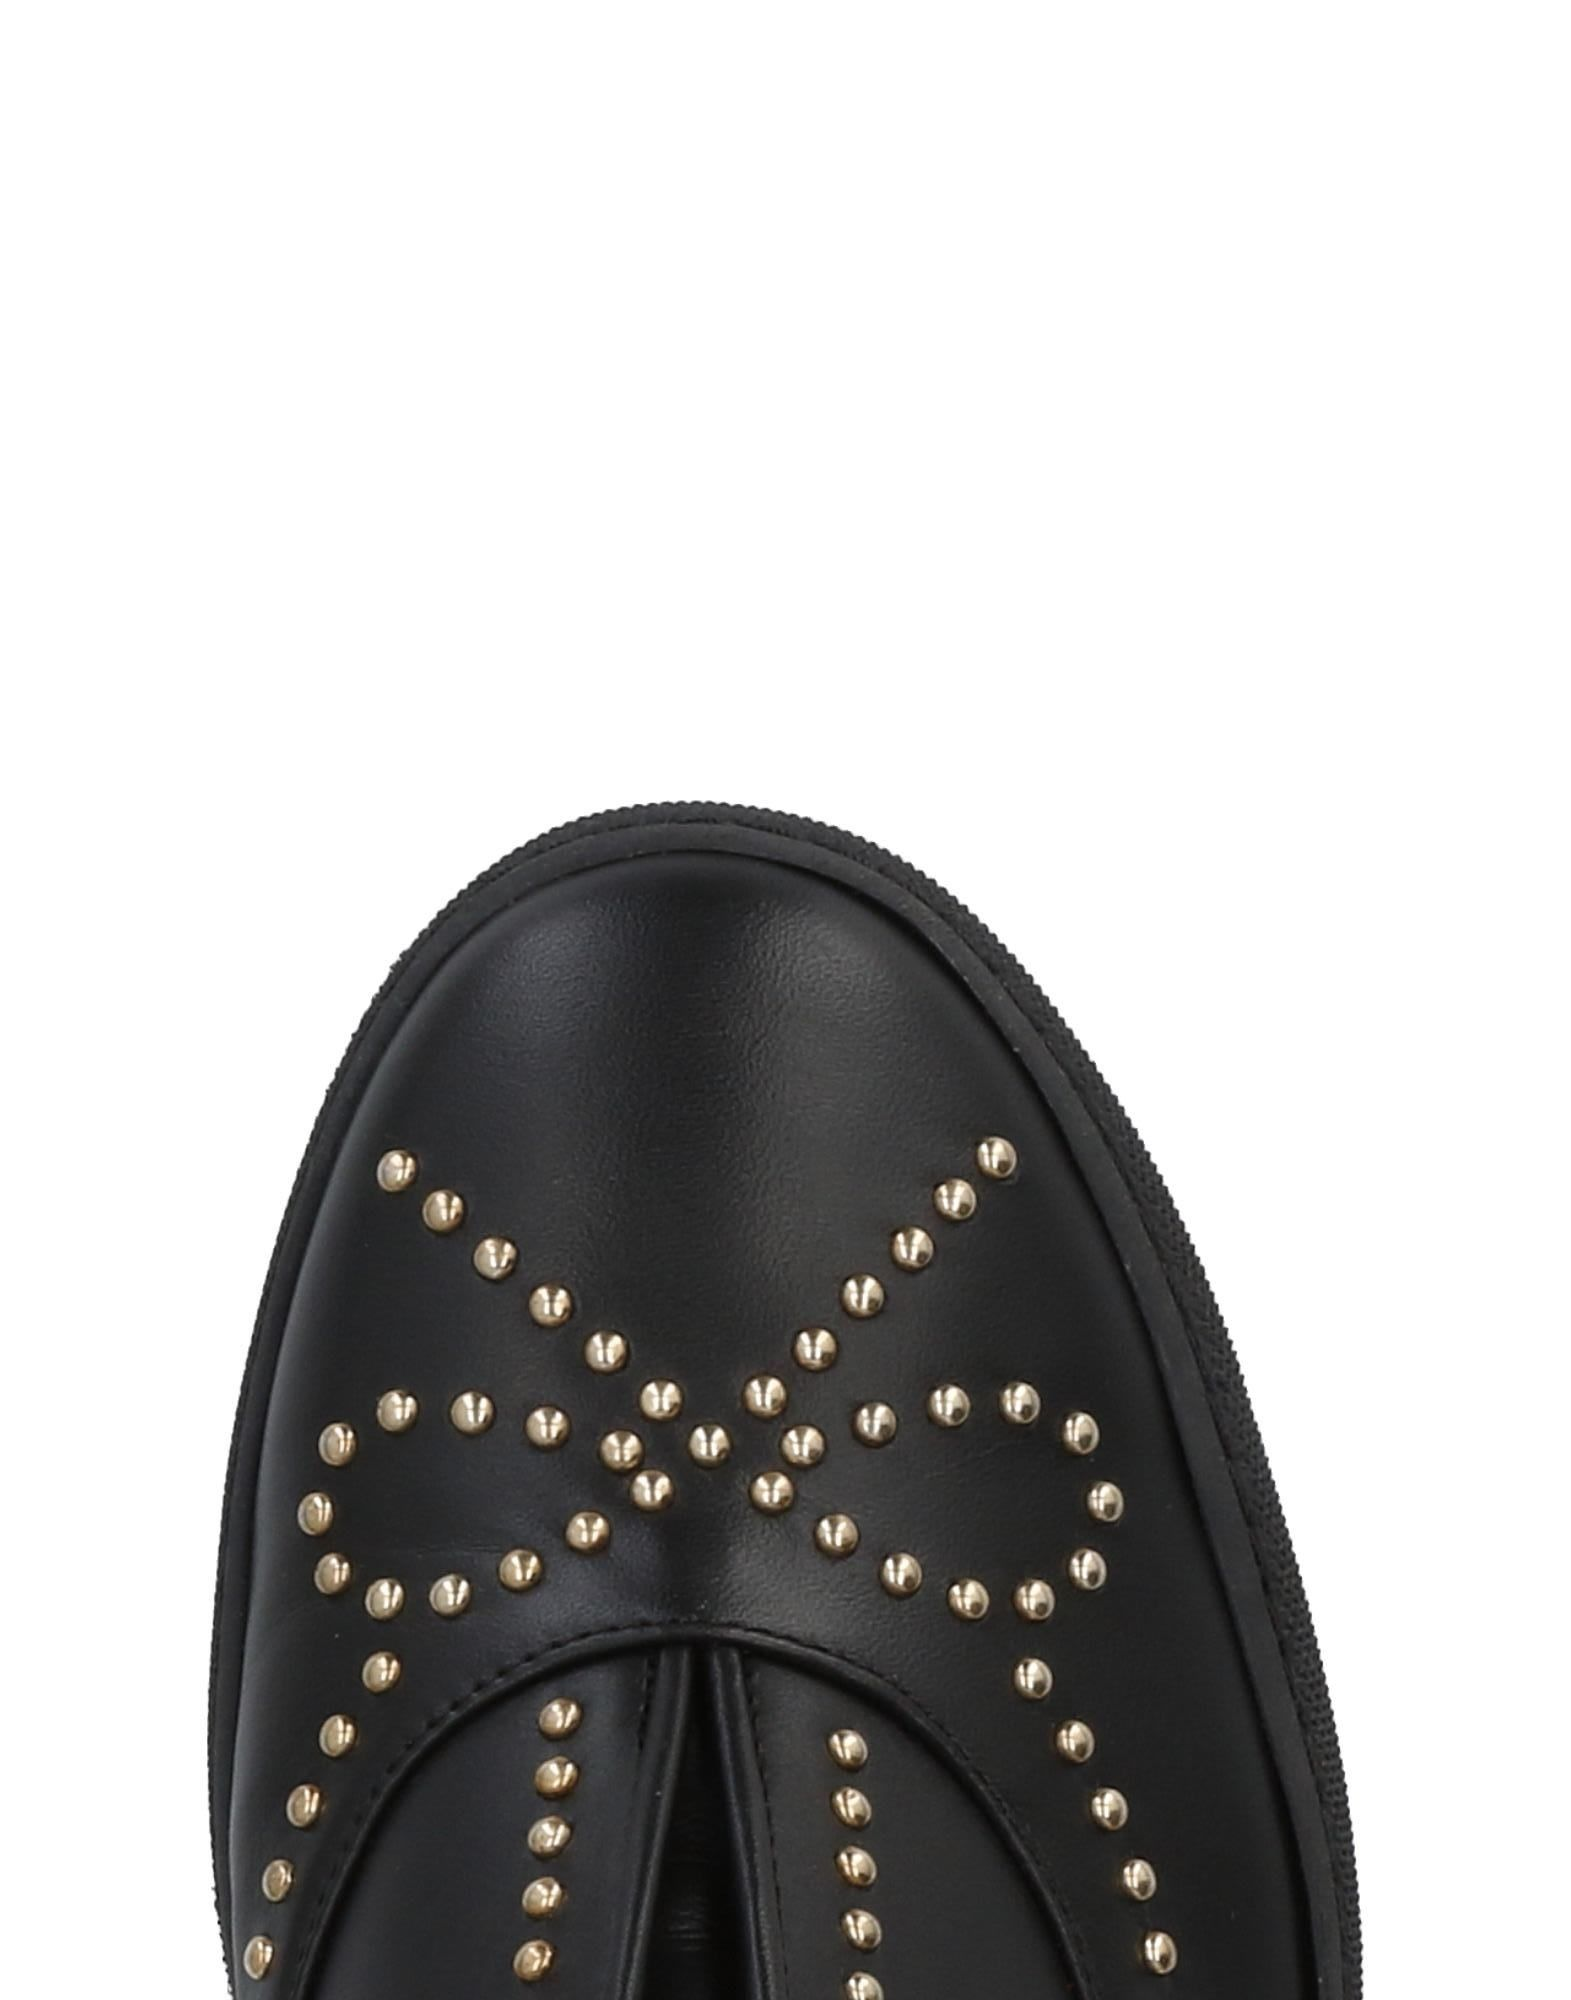 Stilvolle Moschino billige Schuhe Boutique Moschino Stilvolle Sneakers Damen  11447313WL 16bbc6